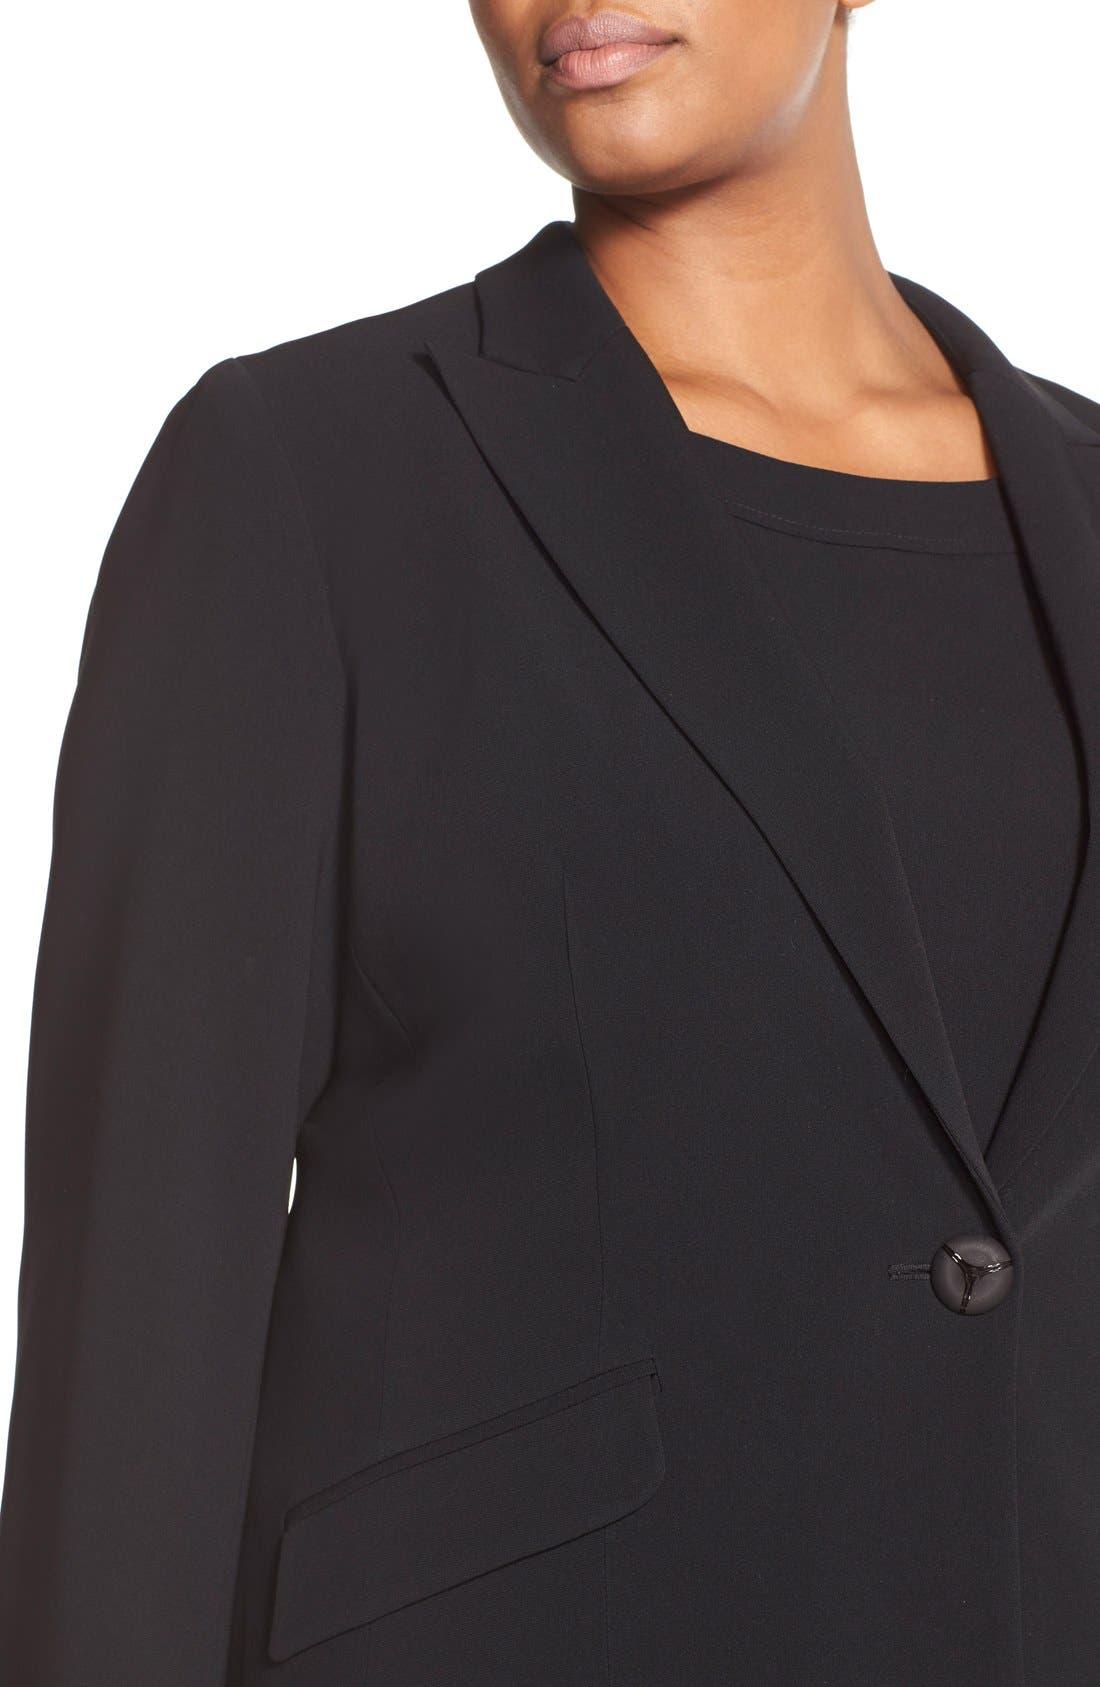 Peak Lapel Suit Jacket,                             Alternate thumbnail 3, color,                             Black